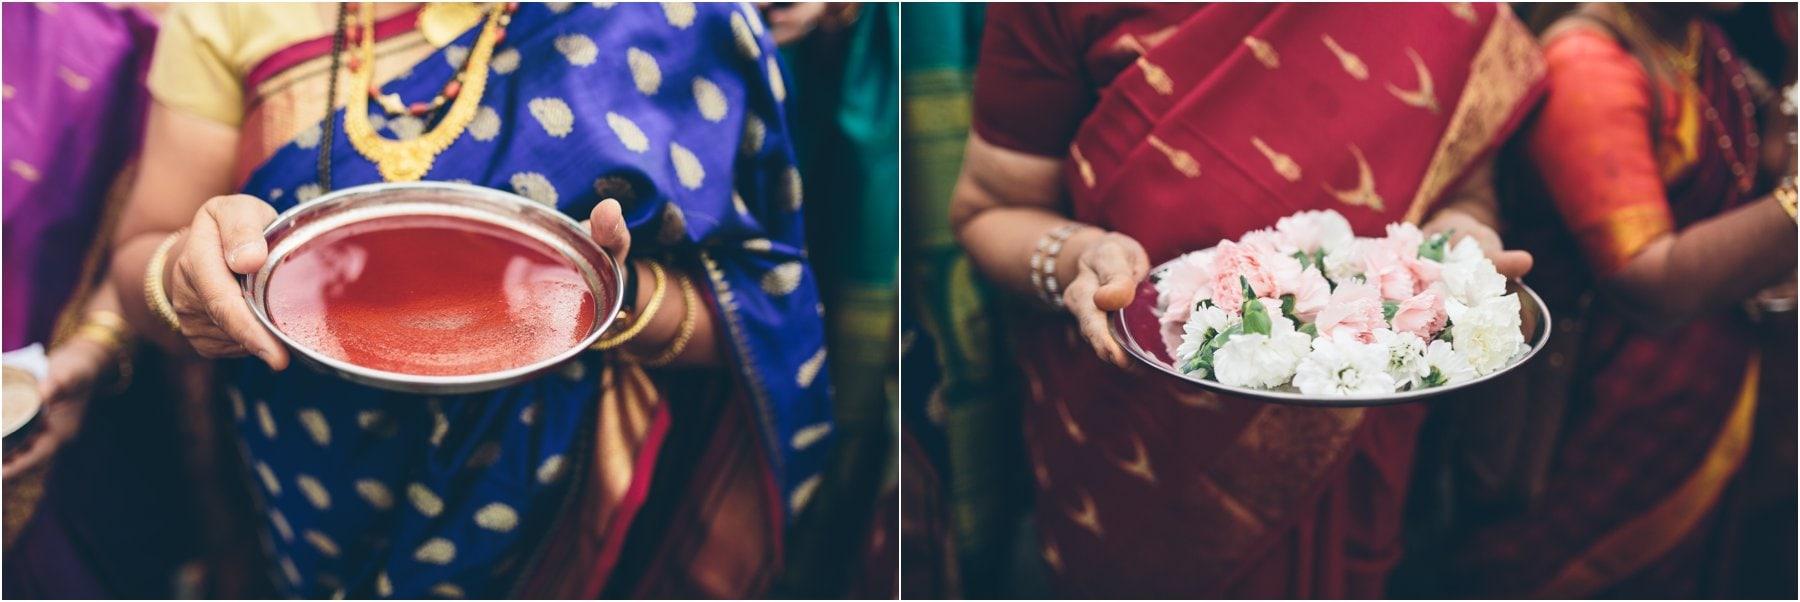 Lancashire_Indian_Wedding_Photography_0043